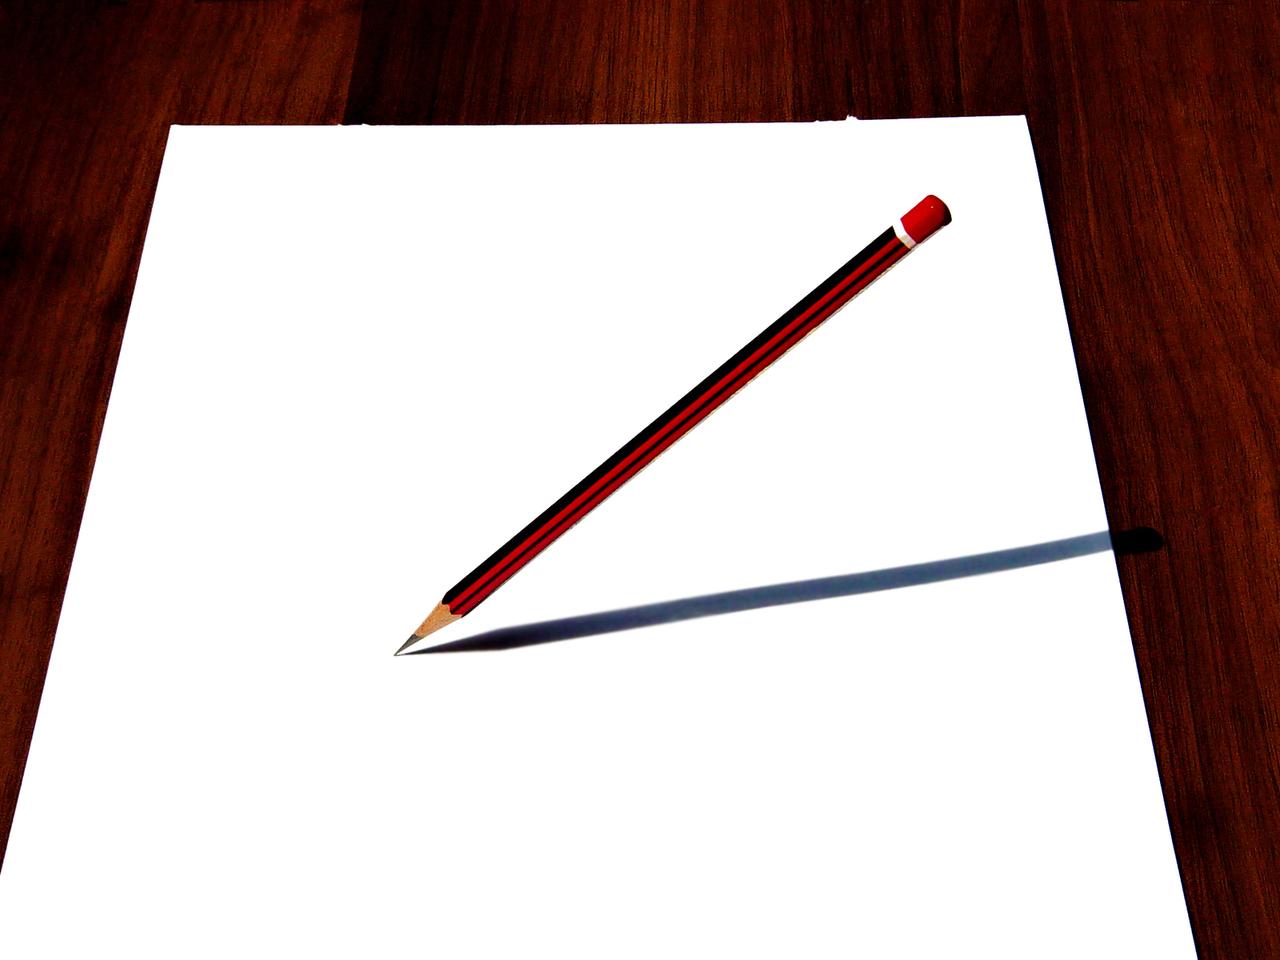 drawing-1239764-1280×960